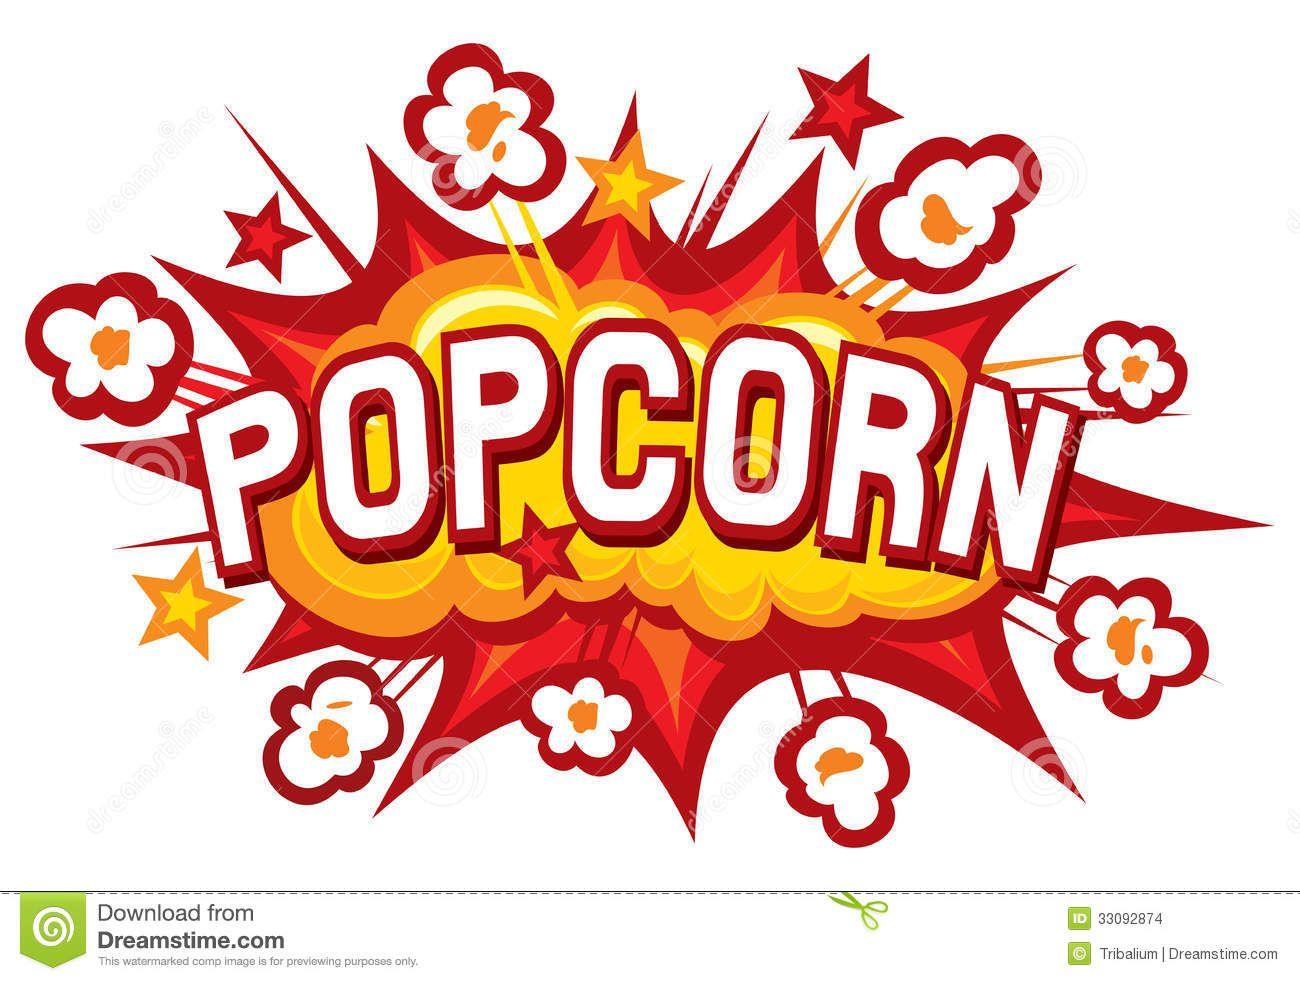 Popcorn Stock Illustrations, Vectors, & Clipart.